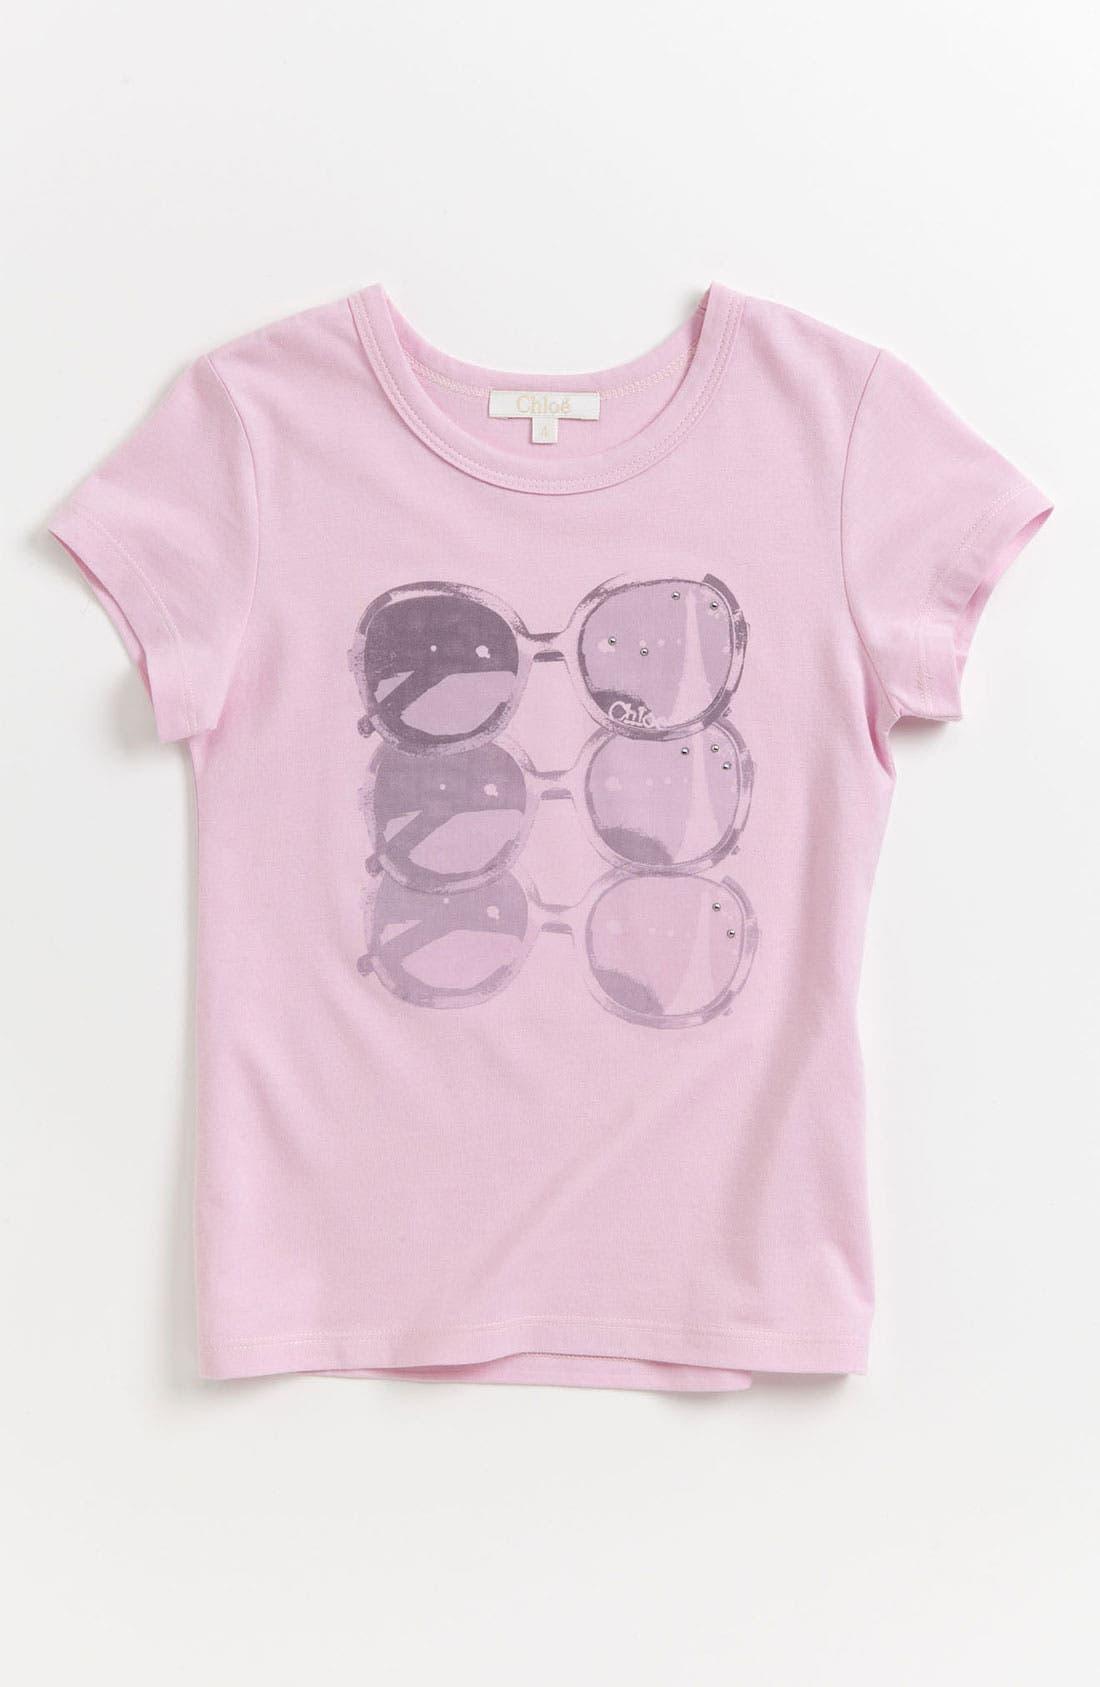 Alternate Image 1 Selected - Chloé 'Sunglasses' Tee (Toddler, Little Girls & Big Girls)